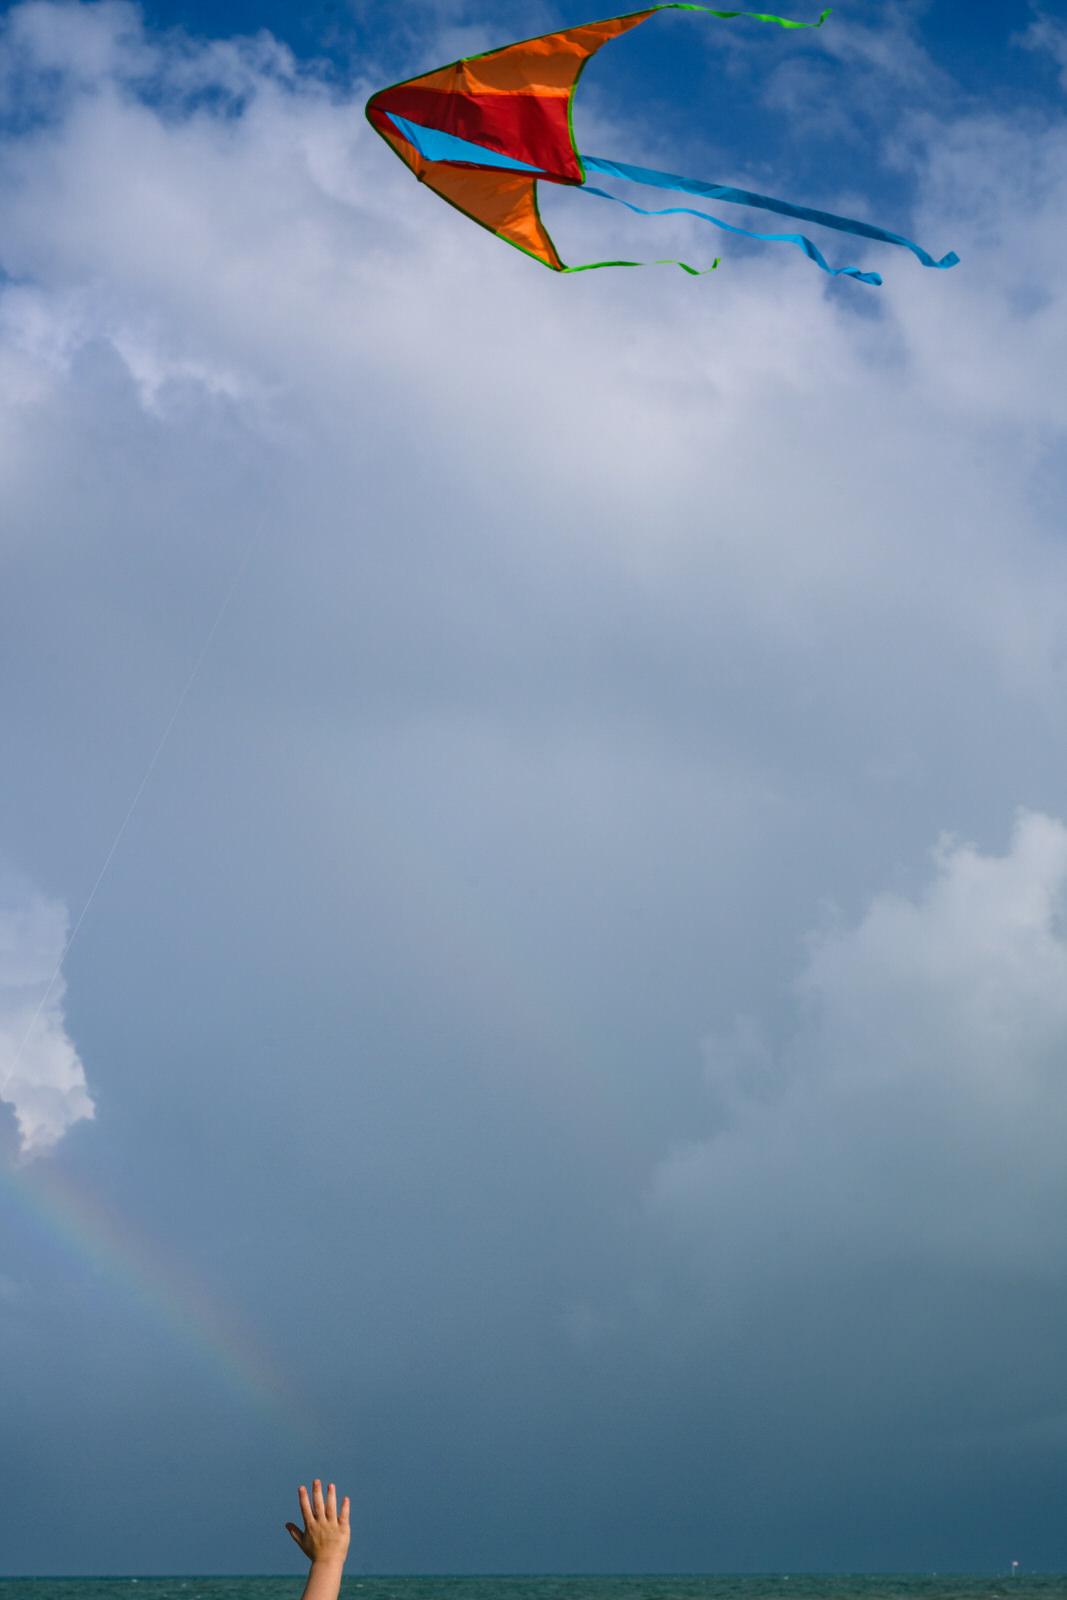 girl reaches for the rainbow as a kite flies overhead